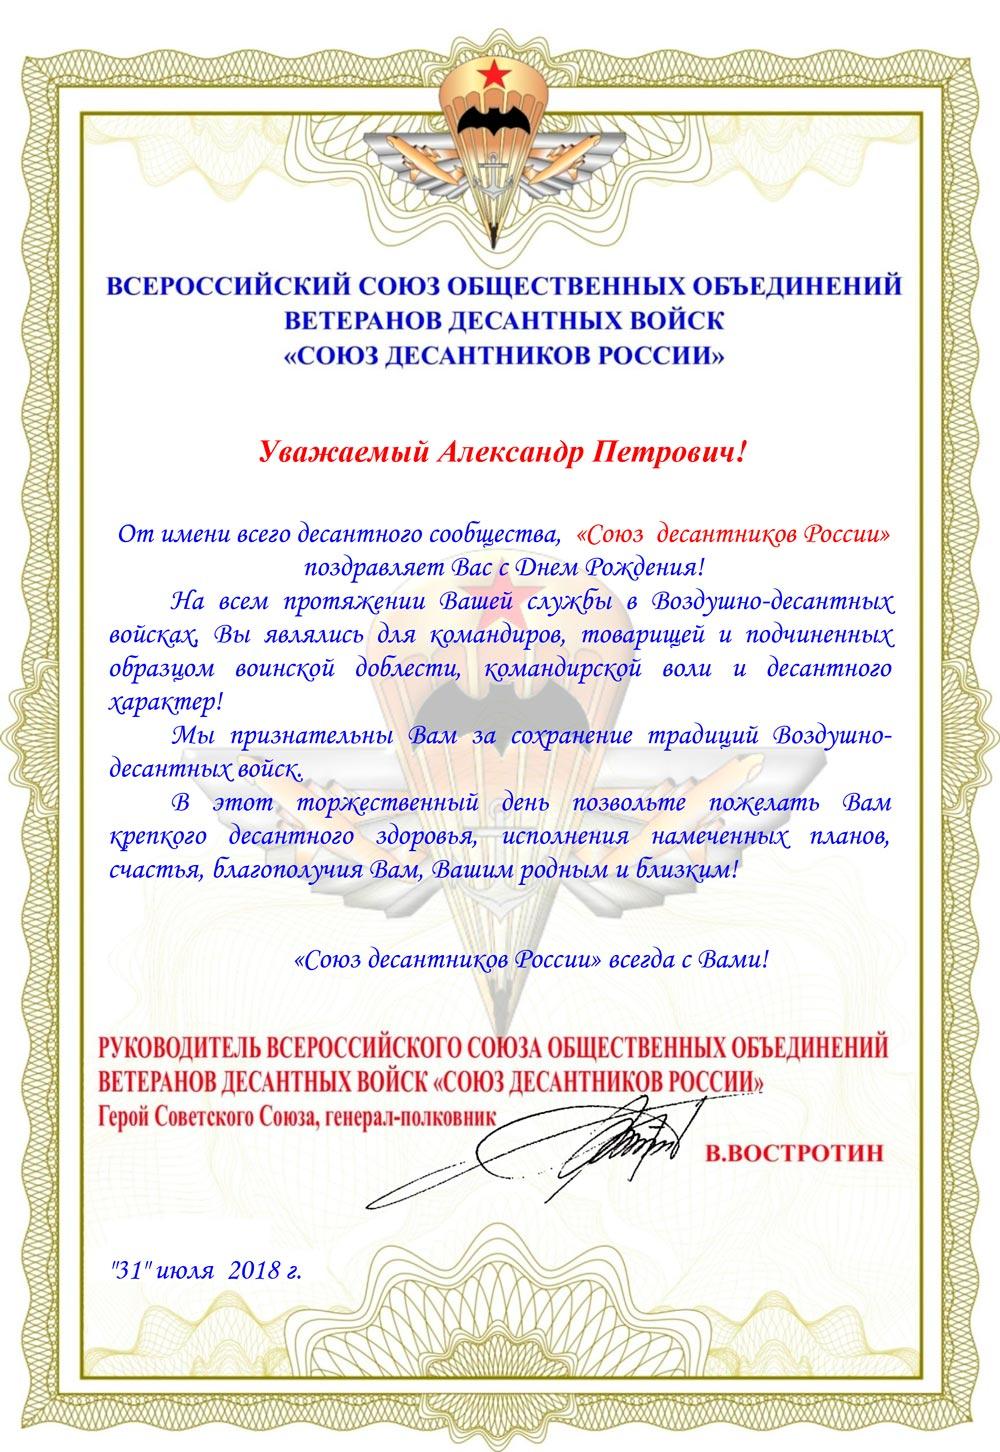 ПОЗДРАВЛЯЕМ С ДНЕМ РОЖДЕНИЯ ПРЕДСЕДАТЕЛЯ ДОСААФ РОССИИ генерал-полковника КОЛМАКОВА АЛЕСКАНДРА ПЕТРОВИЧА!